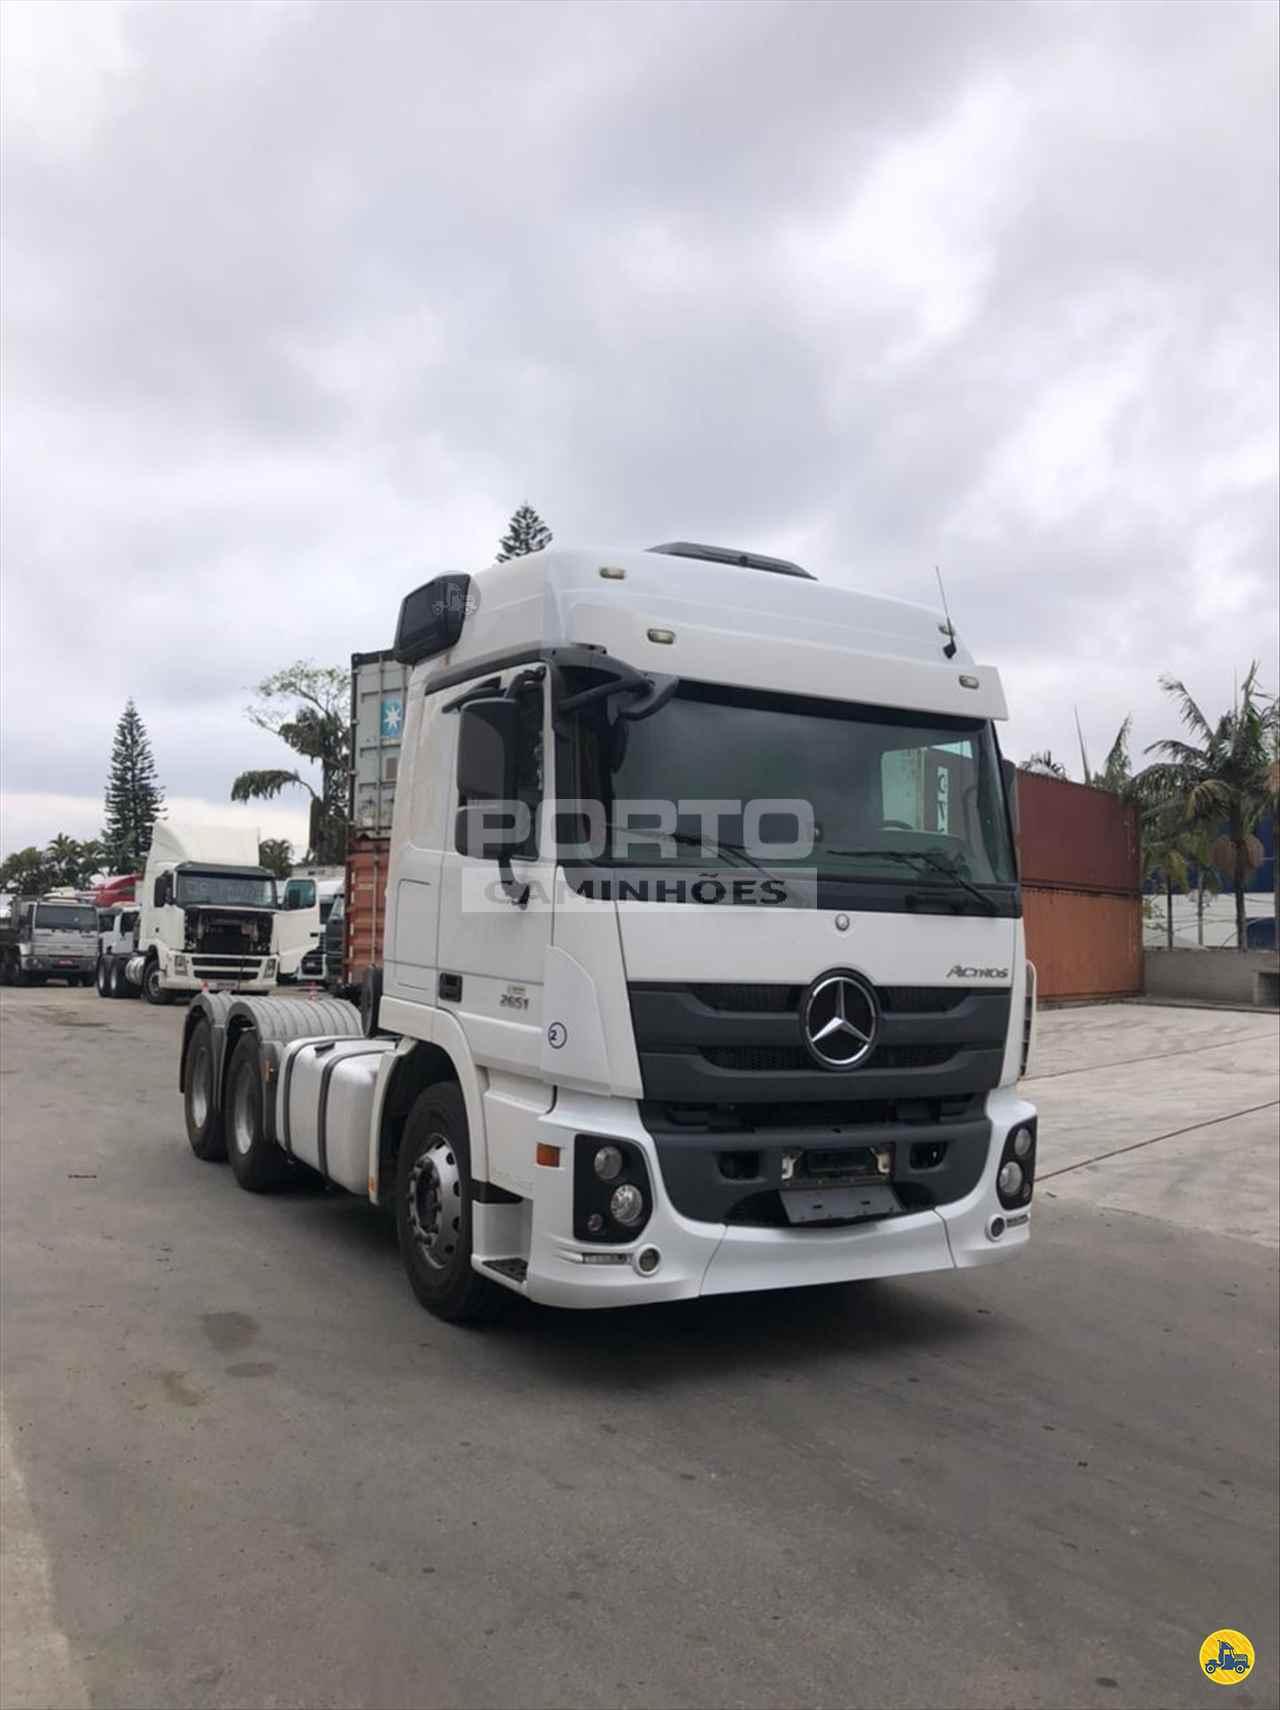 CAMINHAO MERCEDES-BENZ MB 2651 Cavalo Mecânico Traçado 6x4 Porto Caminhões GUARULHOS SÃO PAULO SP